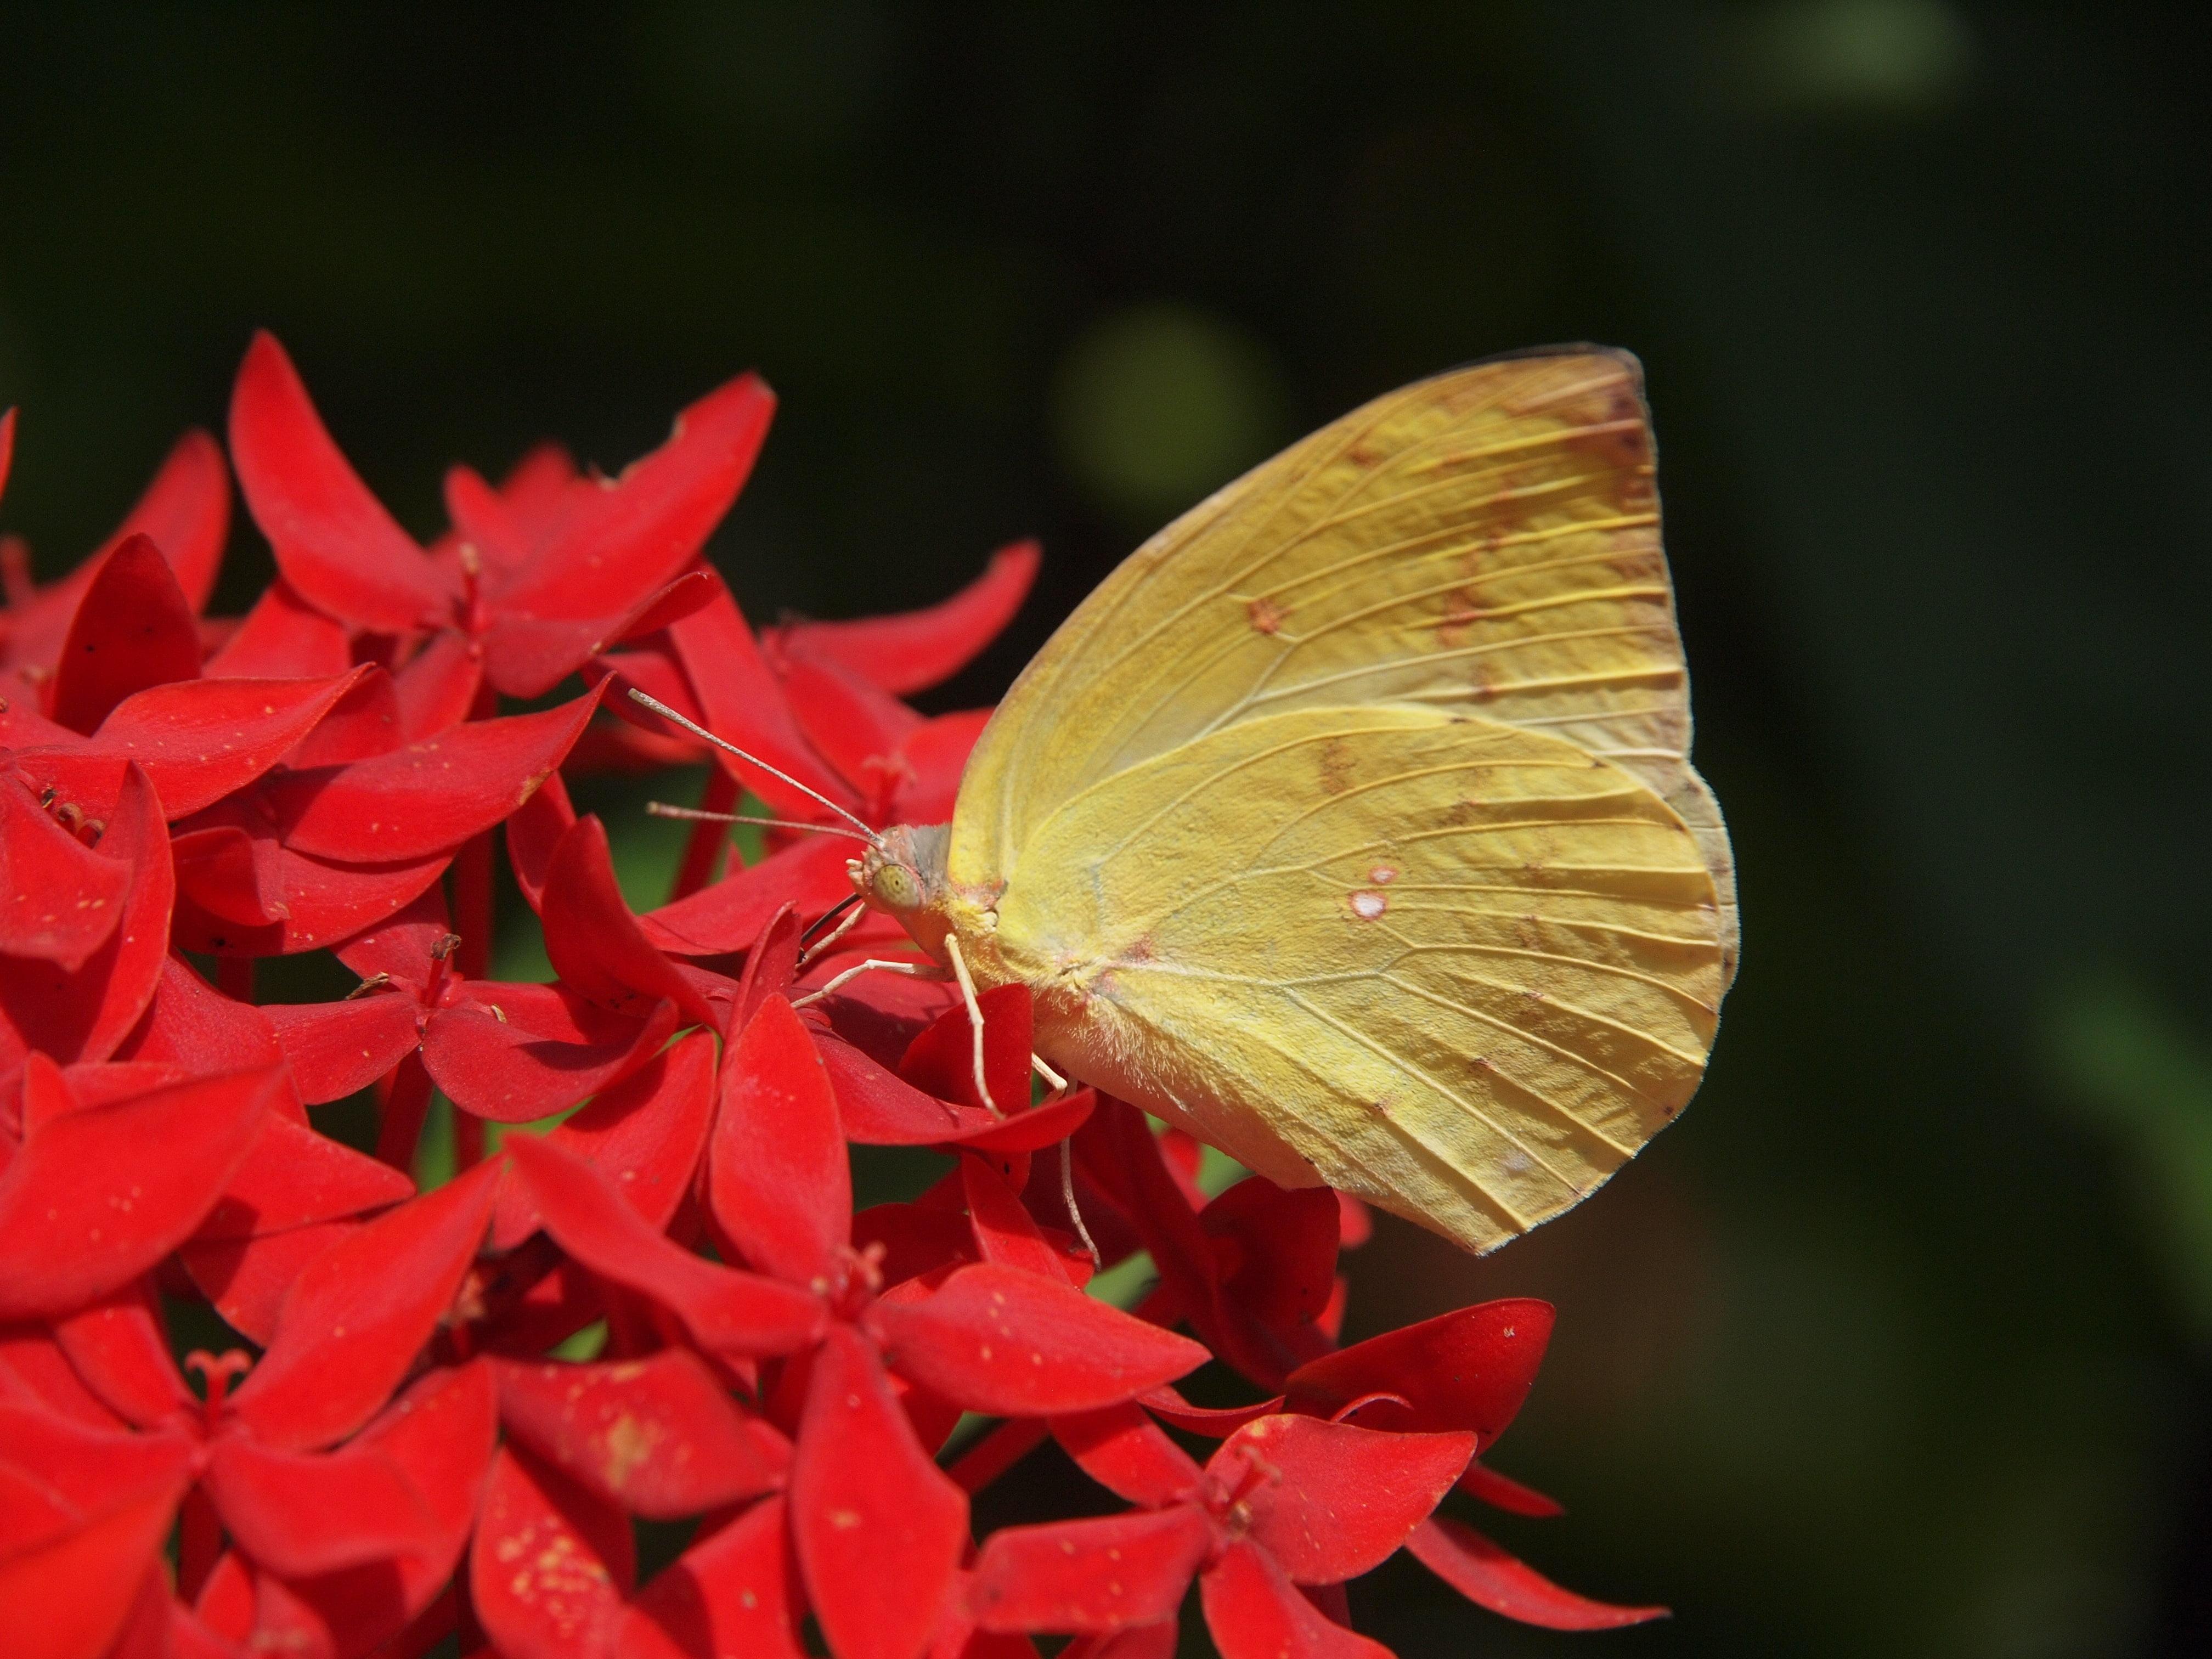 Sulfur butterfly on yellow petaled flower HD wallpaper Wallpaper 4032x3024